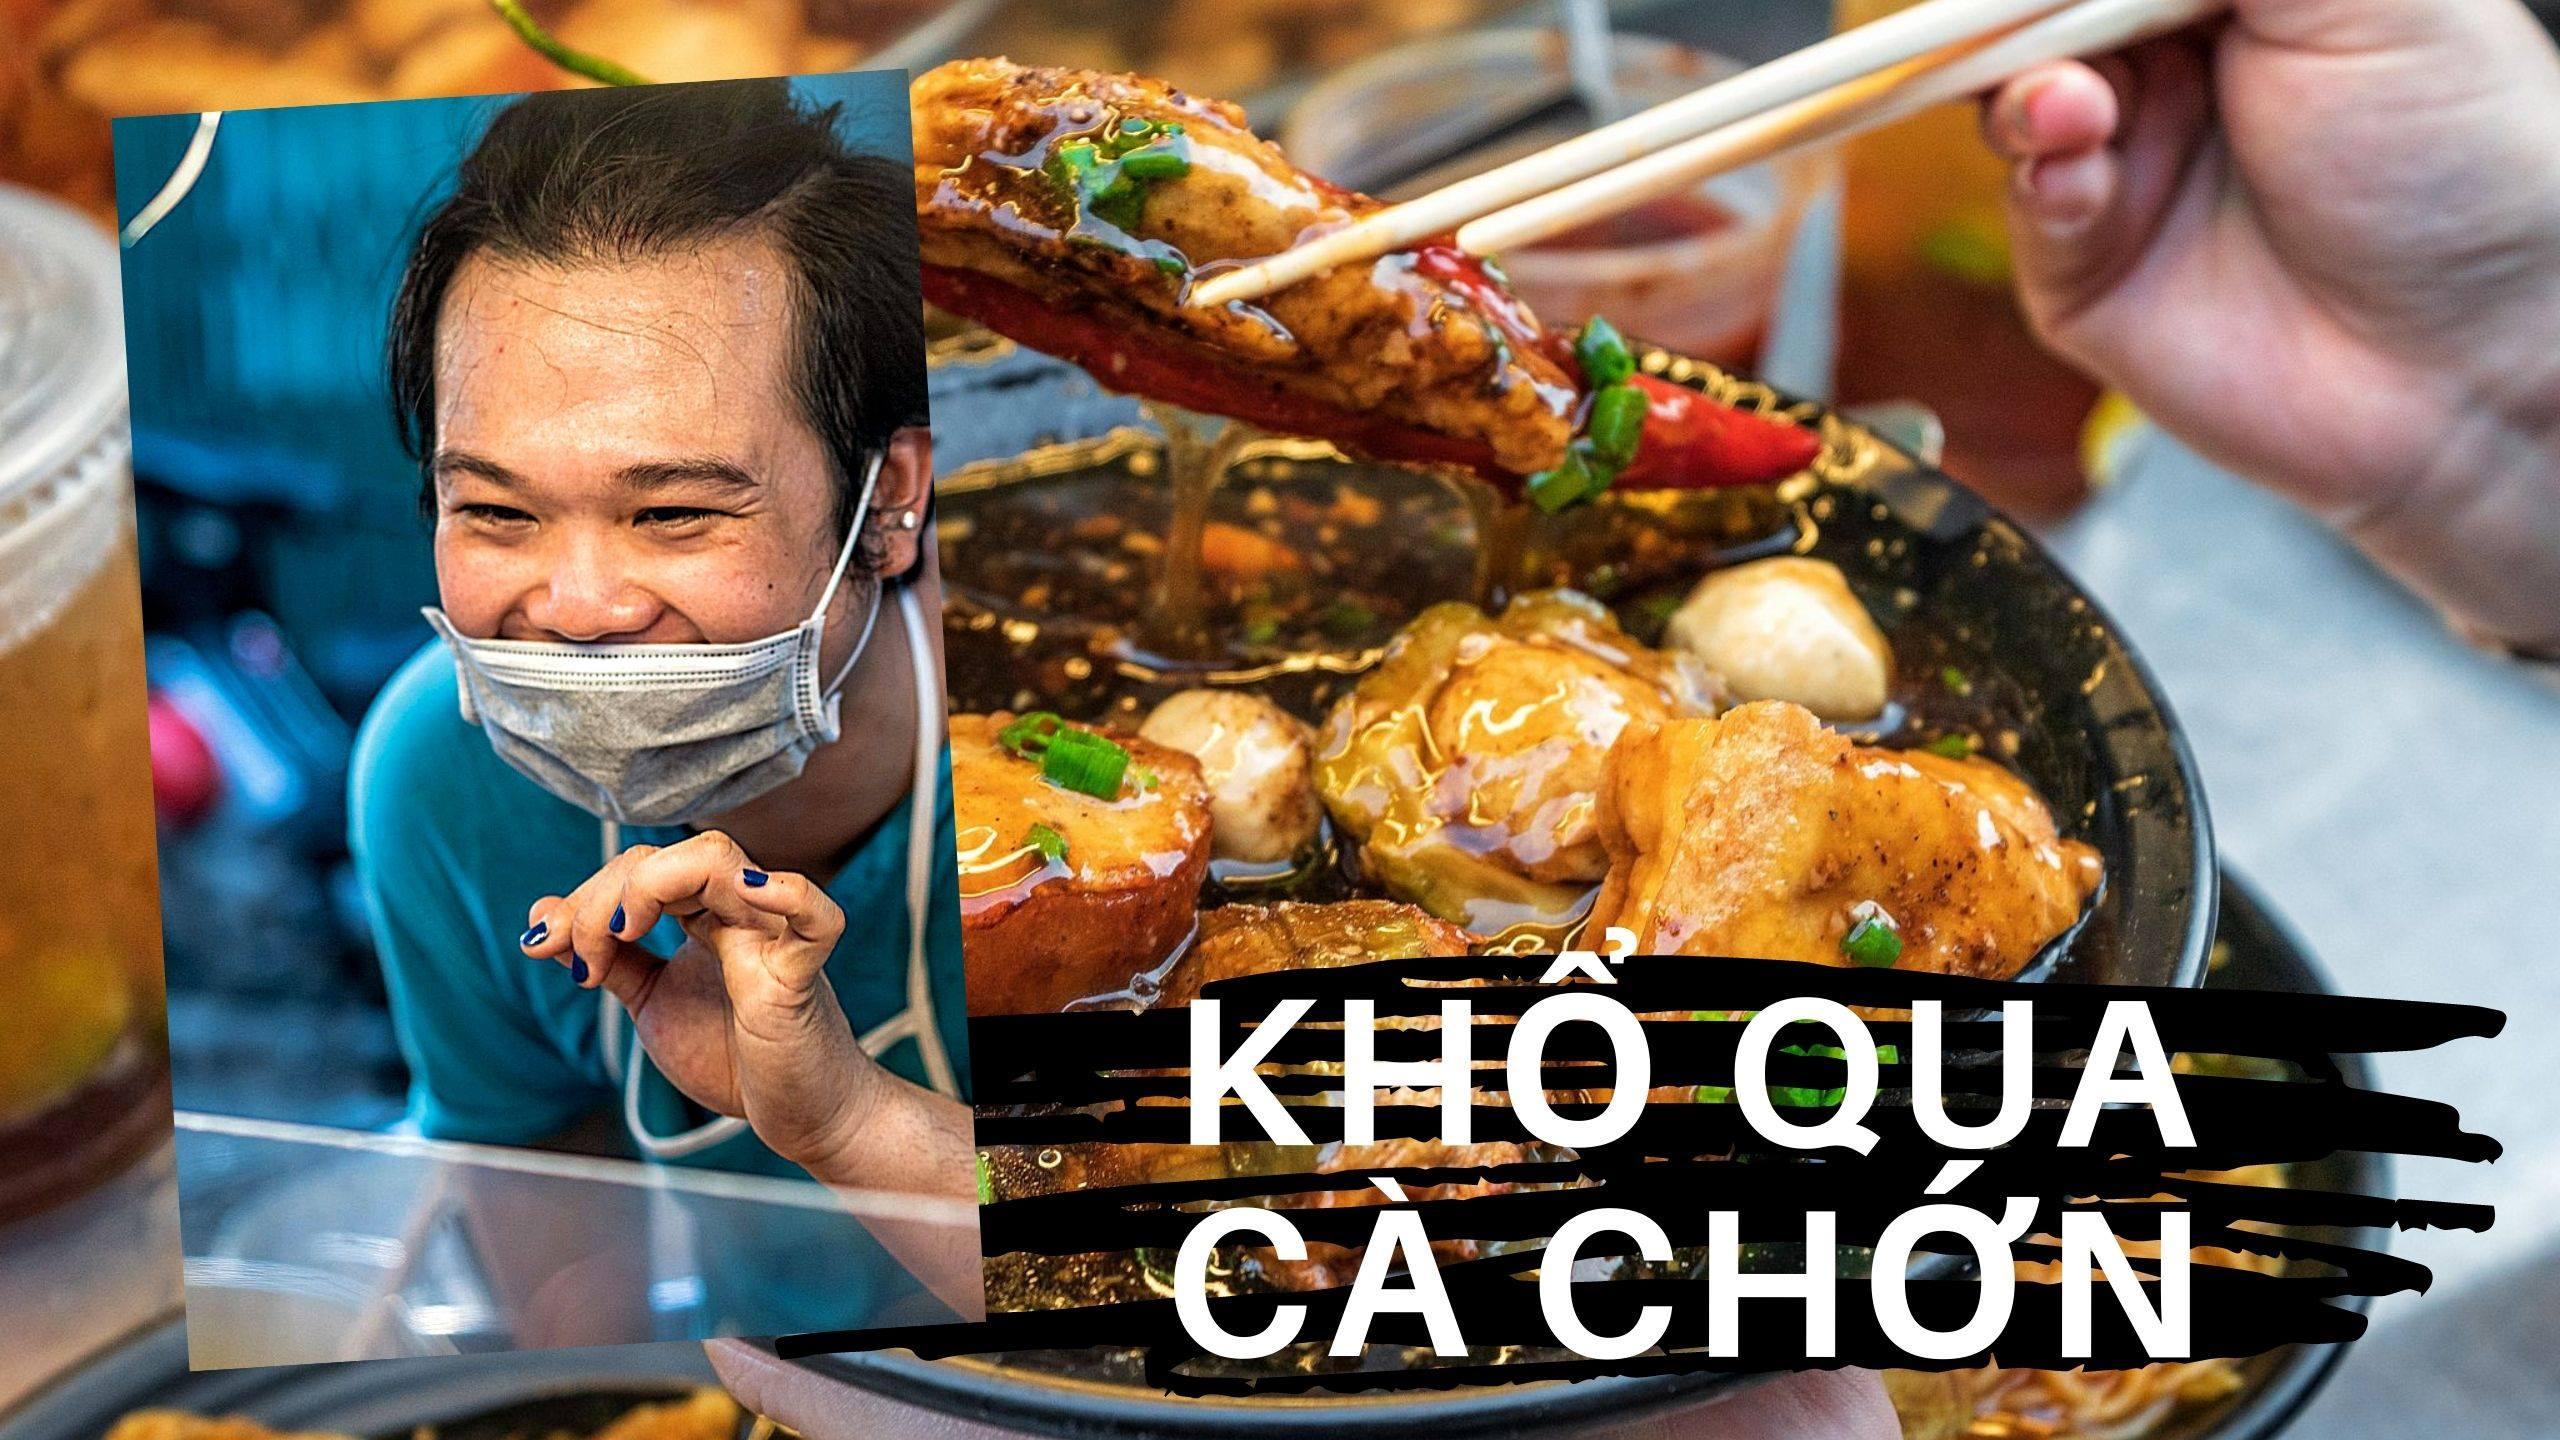 """Vào bếp cùng """"nữ hoàng truyền thông"""" Nguyễn Phạm Khánh Vân: Ăn bún riêu cua đồng nhớ chuyện xưa! 7"""